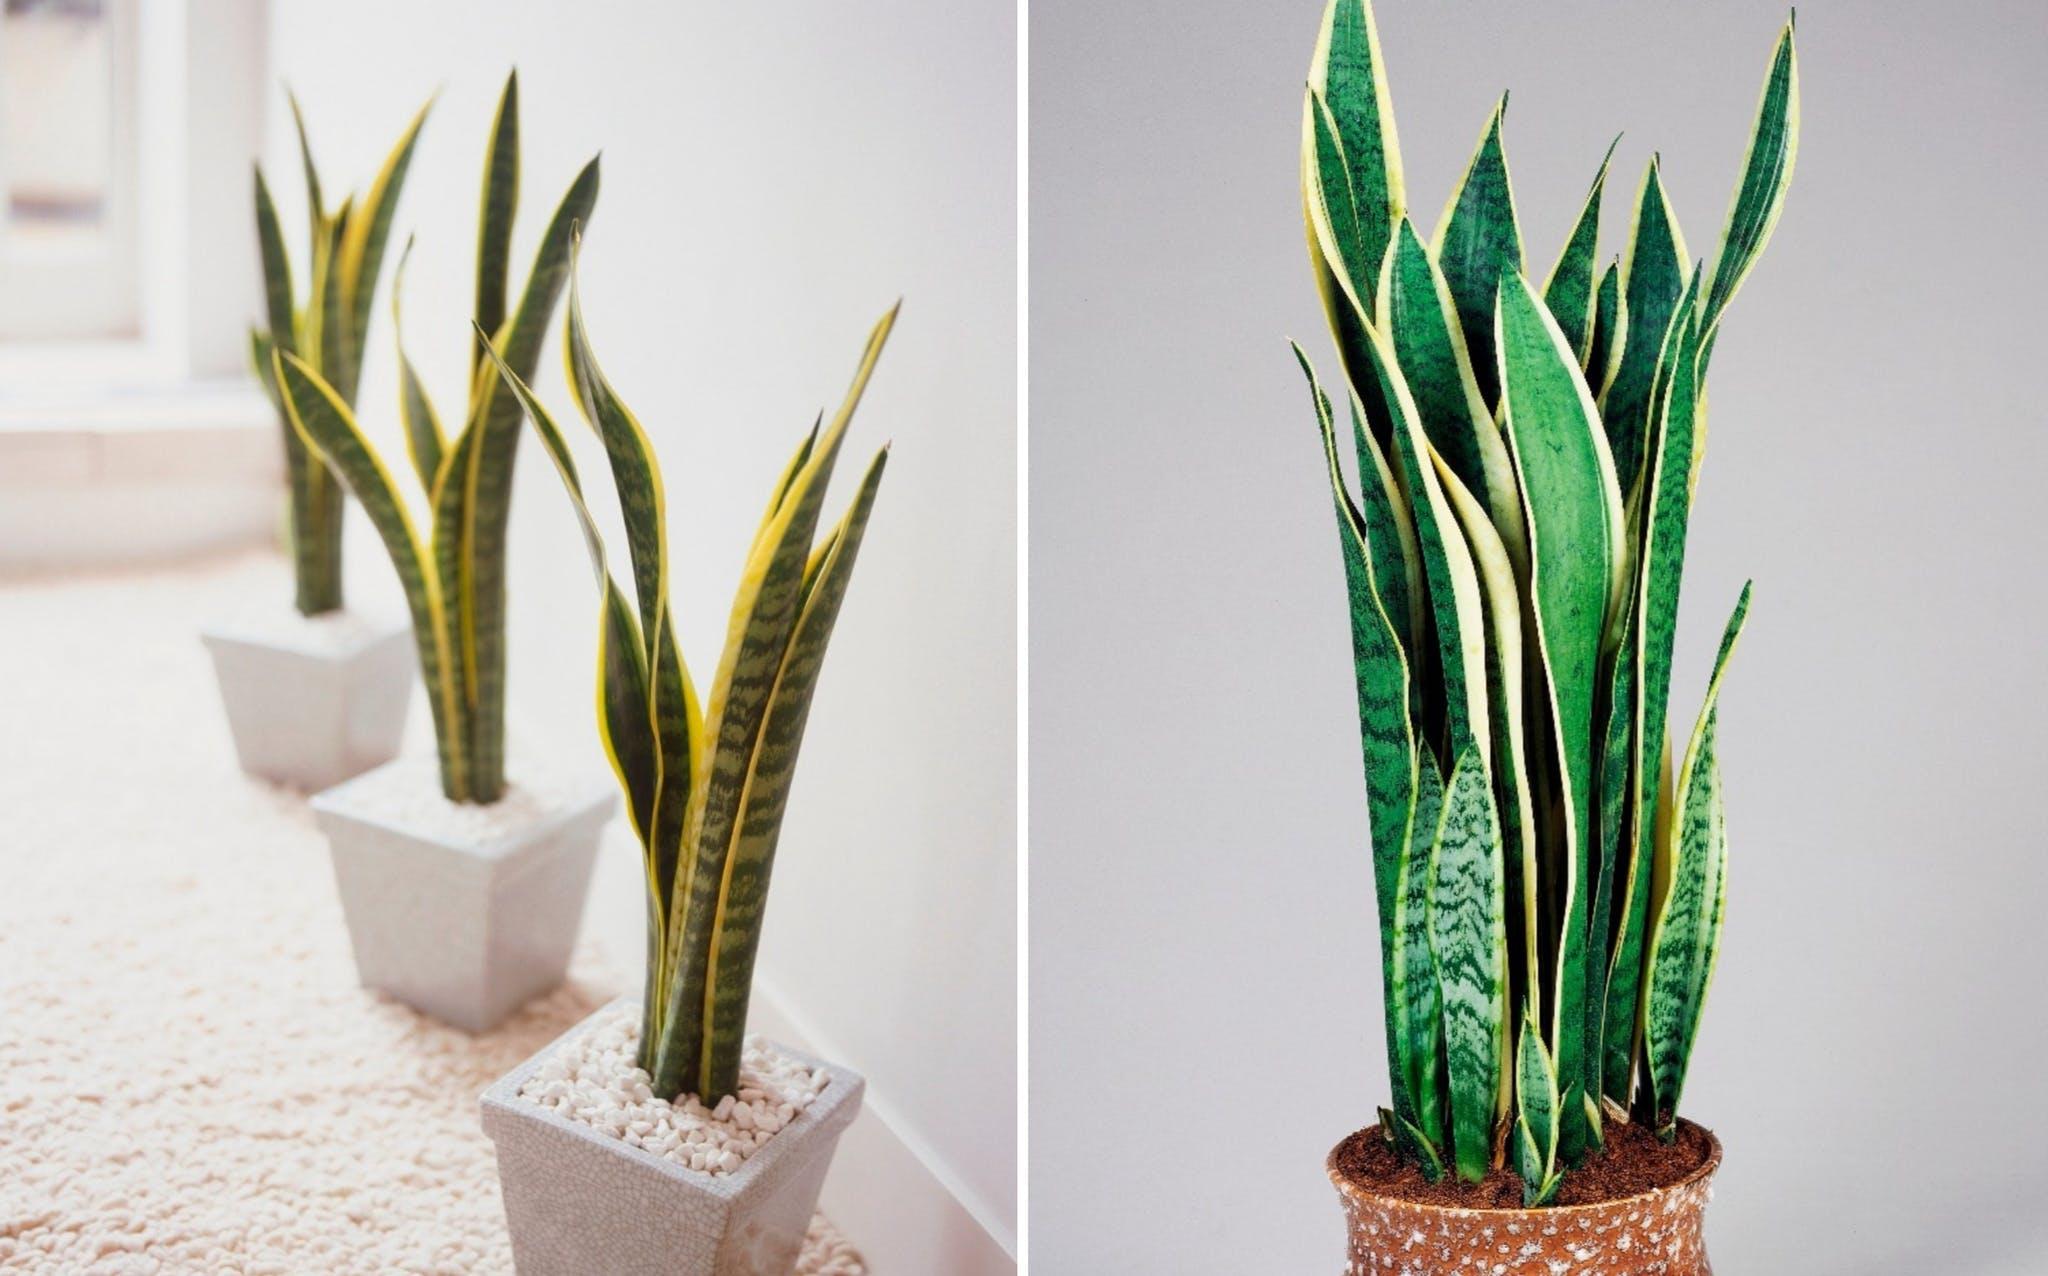 Pianta Da Ufficio Poca Luce le 10 migliori piante da interno per una buona qualità dell'aria